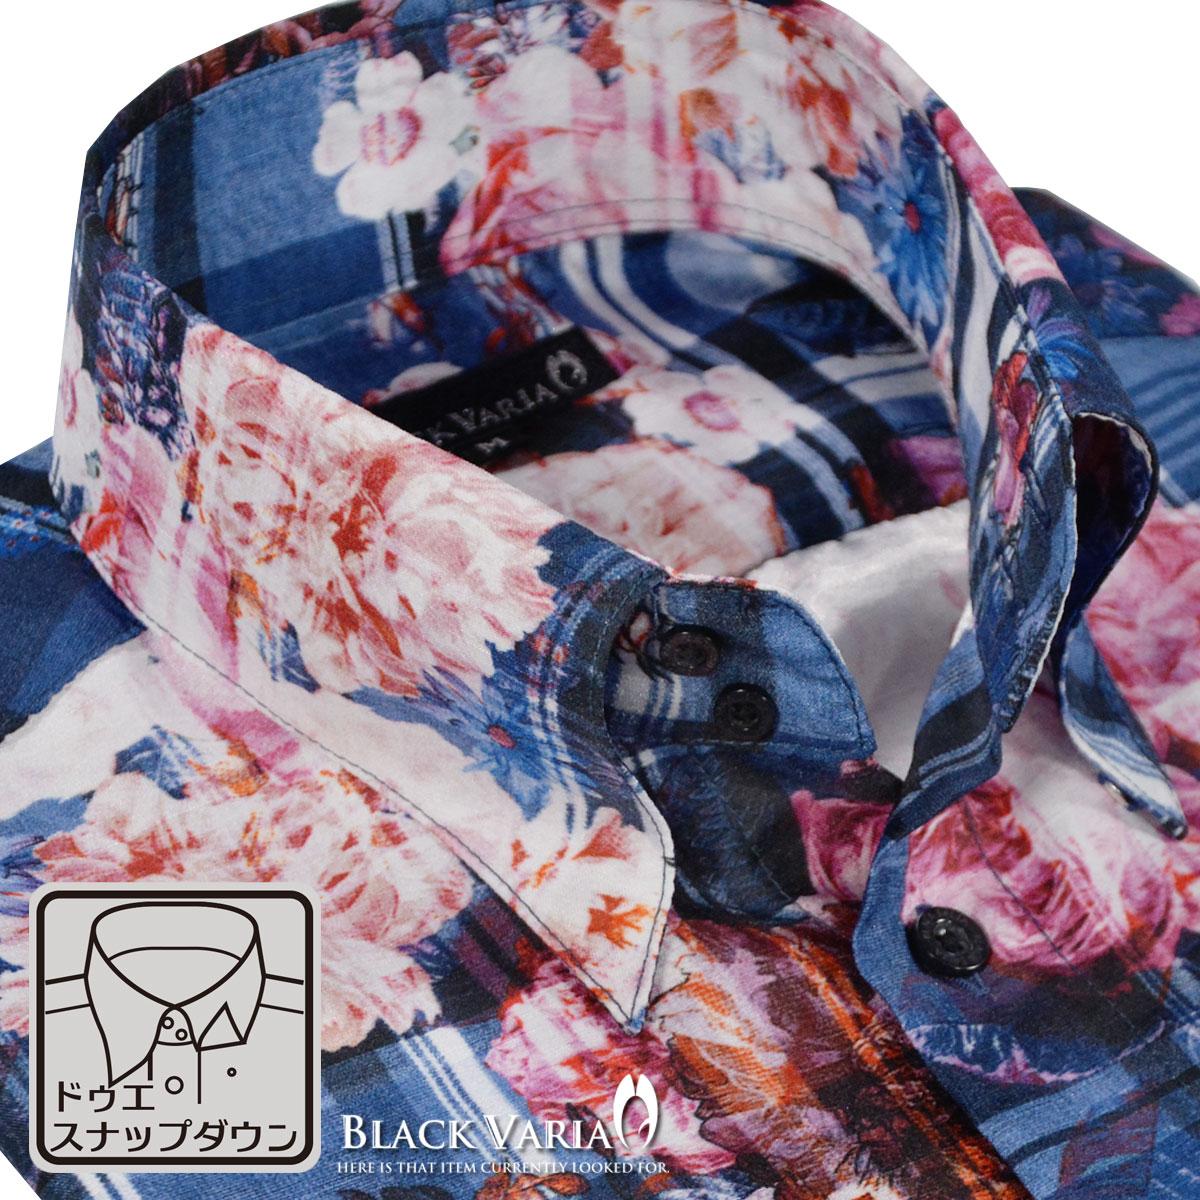 ドレスシャツ ドゥエボットーニ シャンタン チェック柄 薔薇柄 スナップダウン パーティー シャツ メンズ(ブルー青ピンク桃) 161914